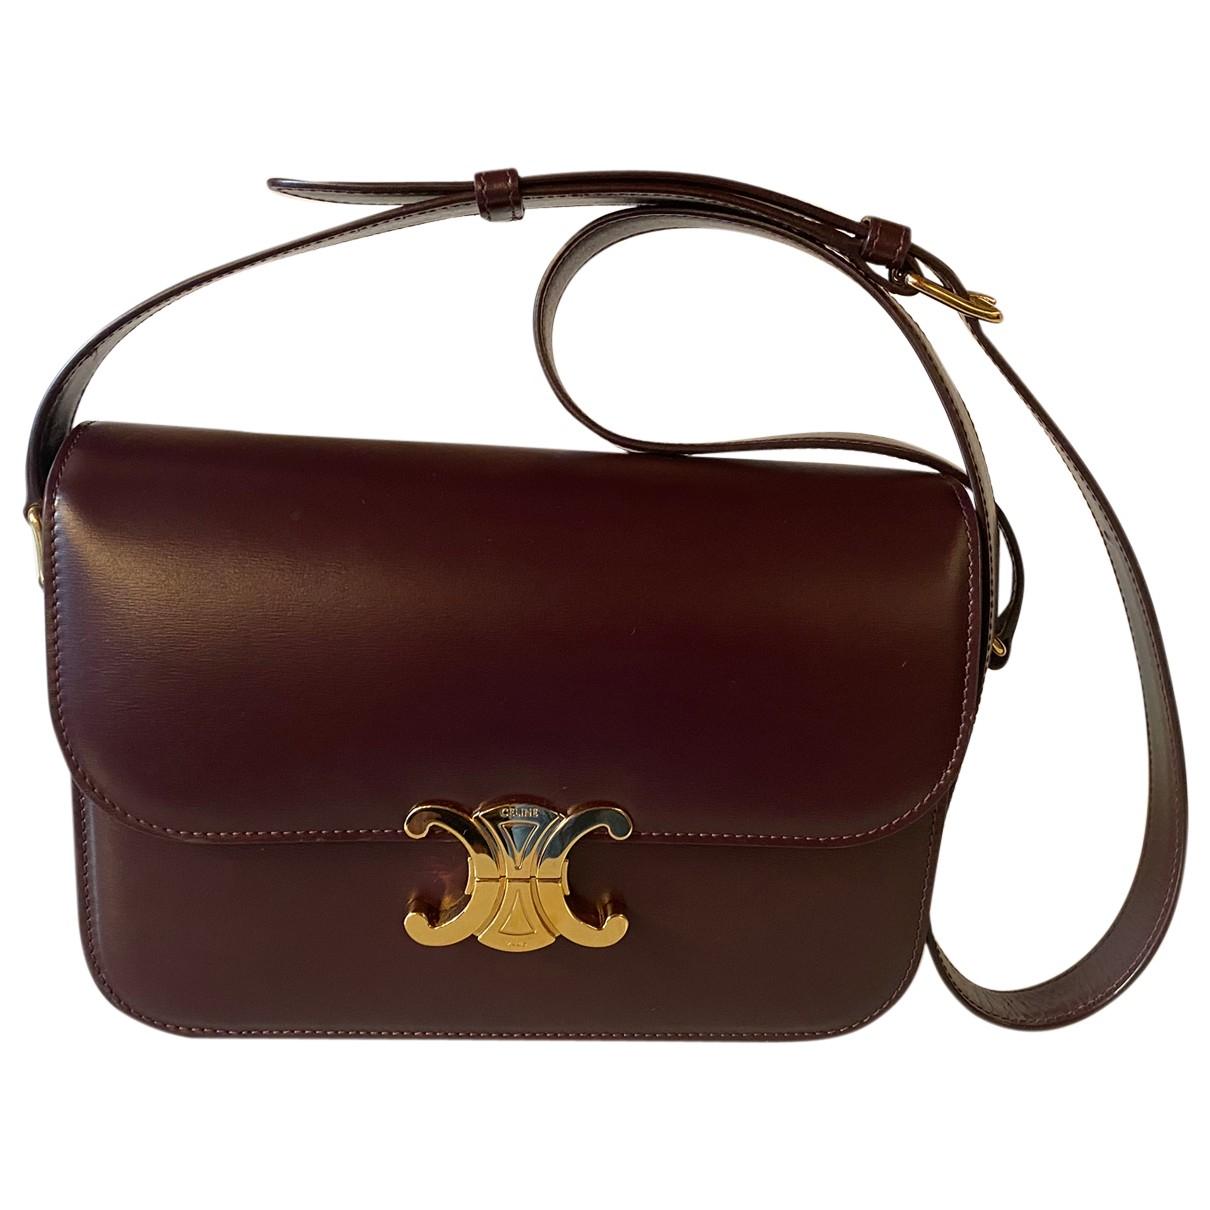 Celine Triomphe Burgundy Leather handbag for Women \N